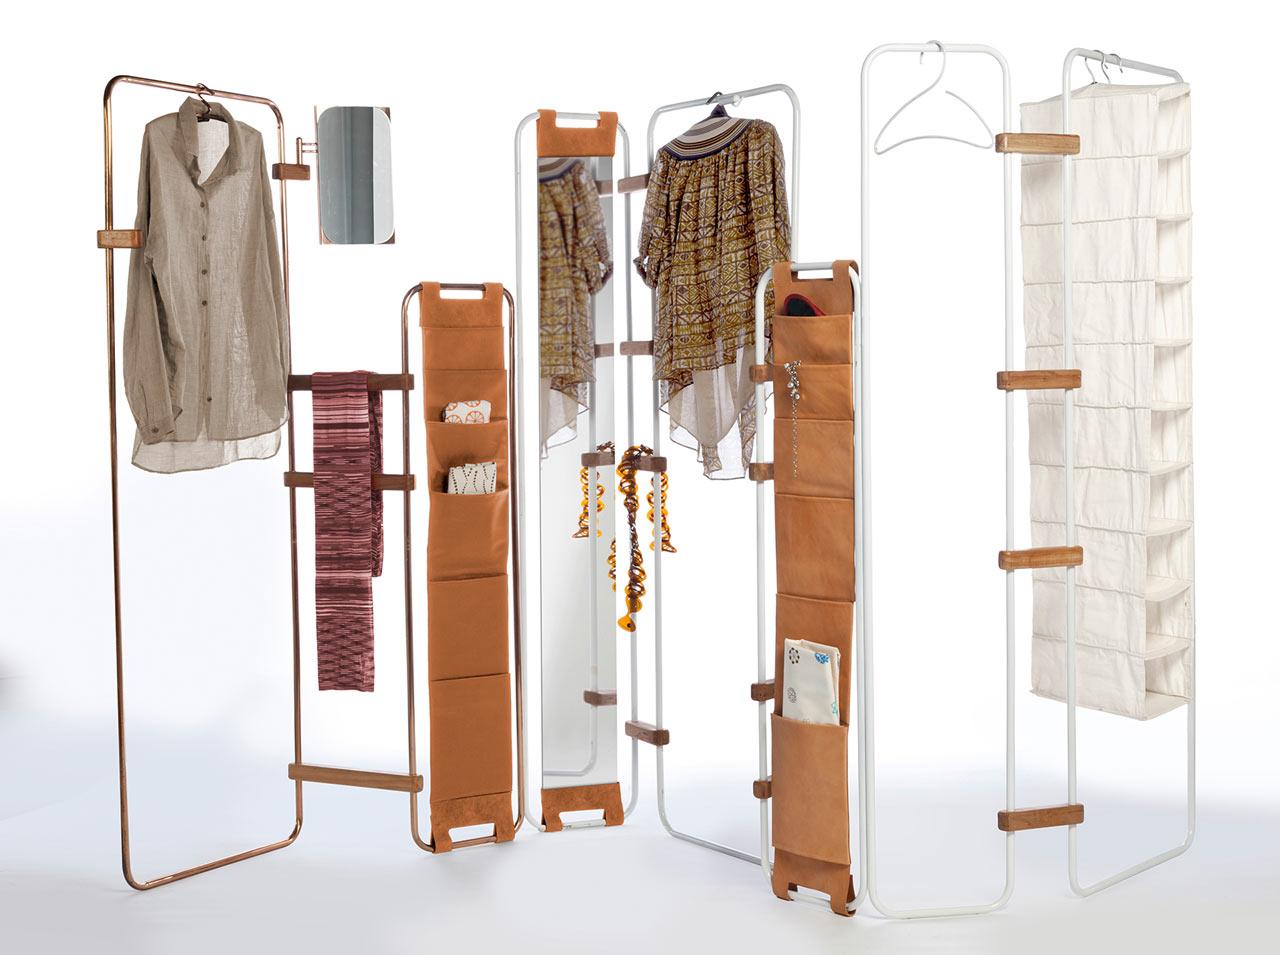 nomad furniture 6